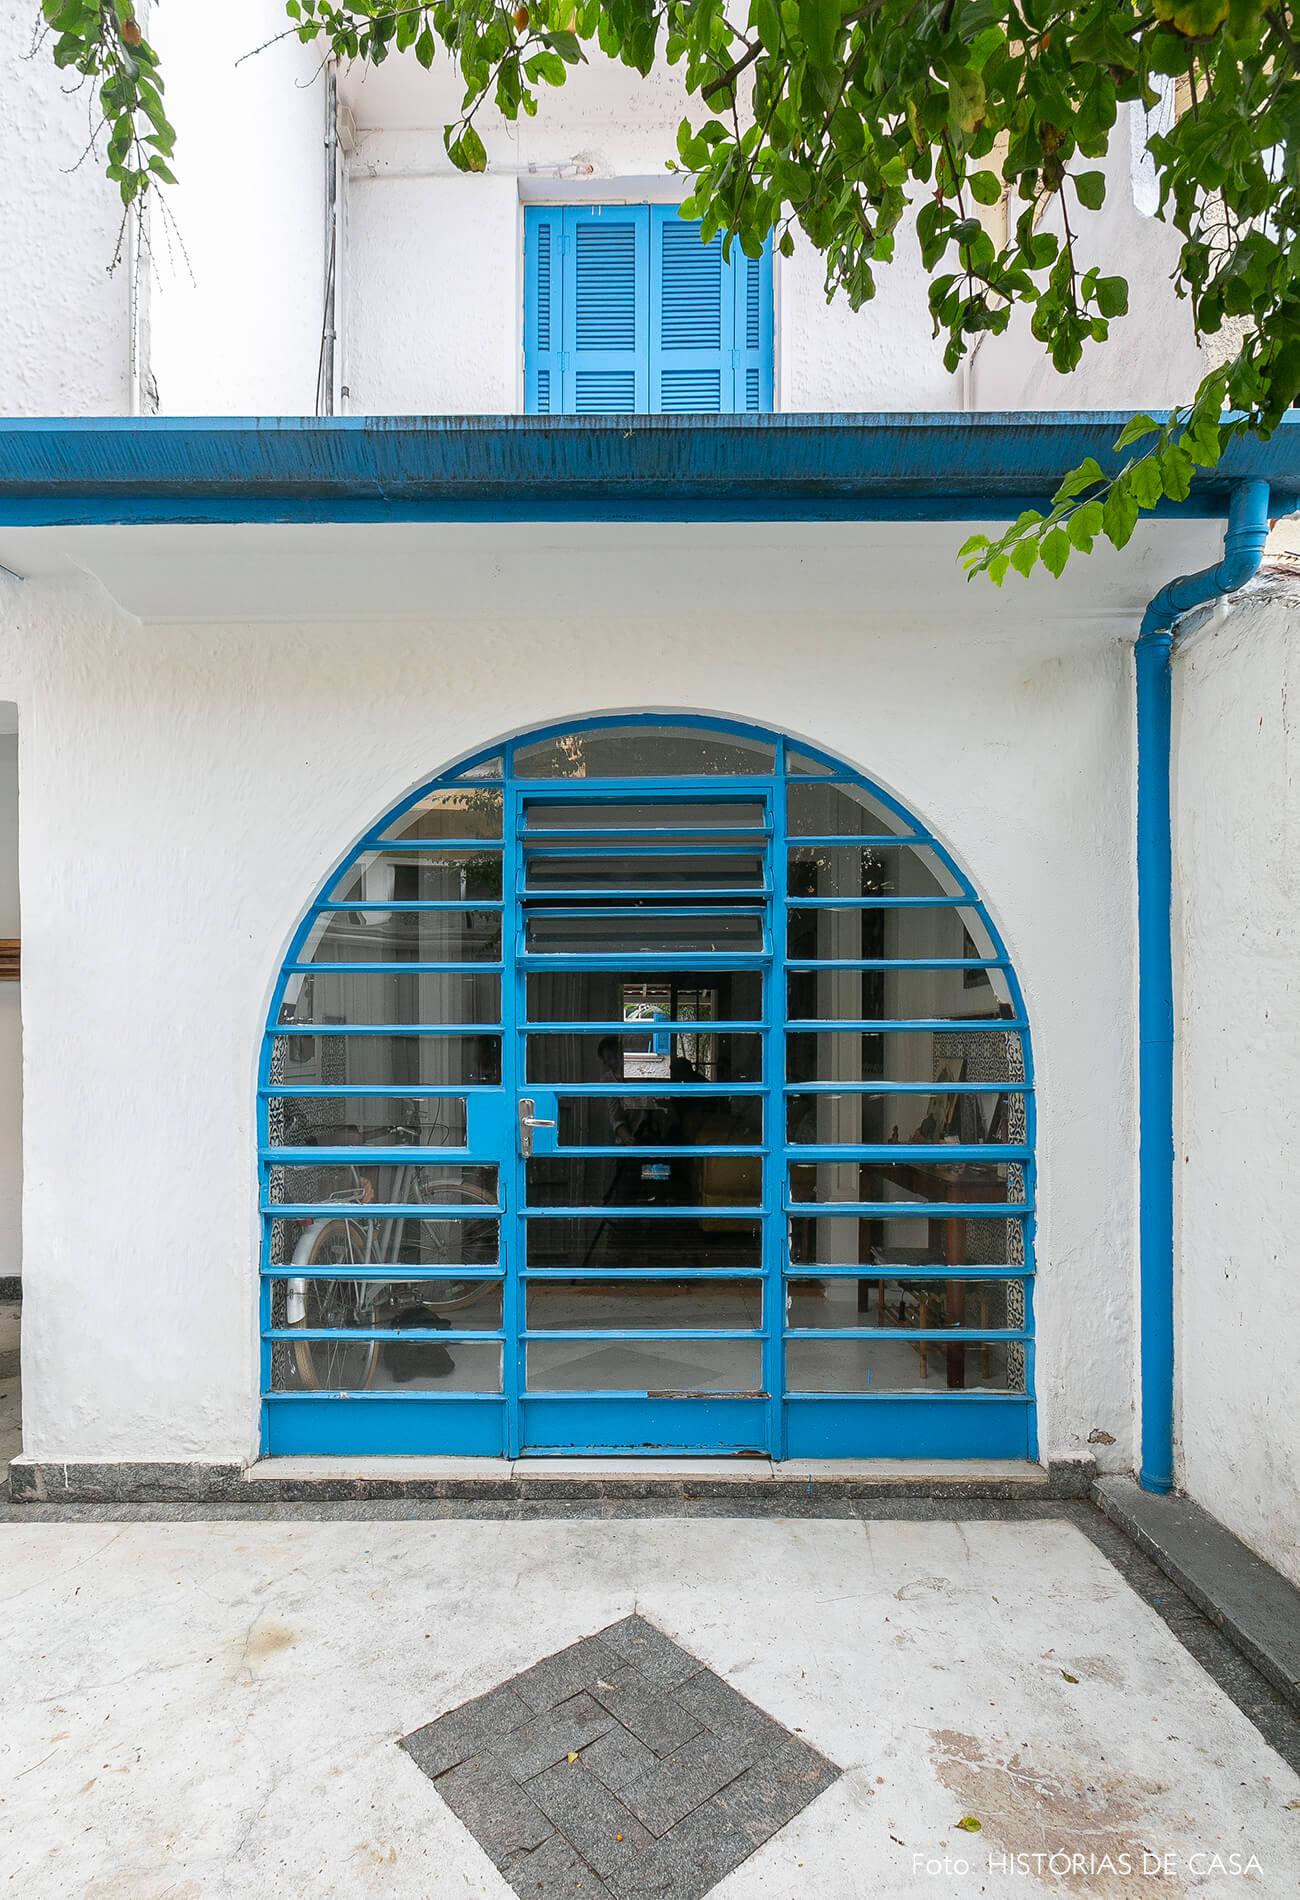 Casa dos anos 40 com esquadrias em arco